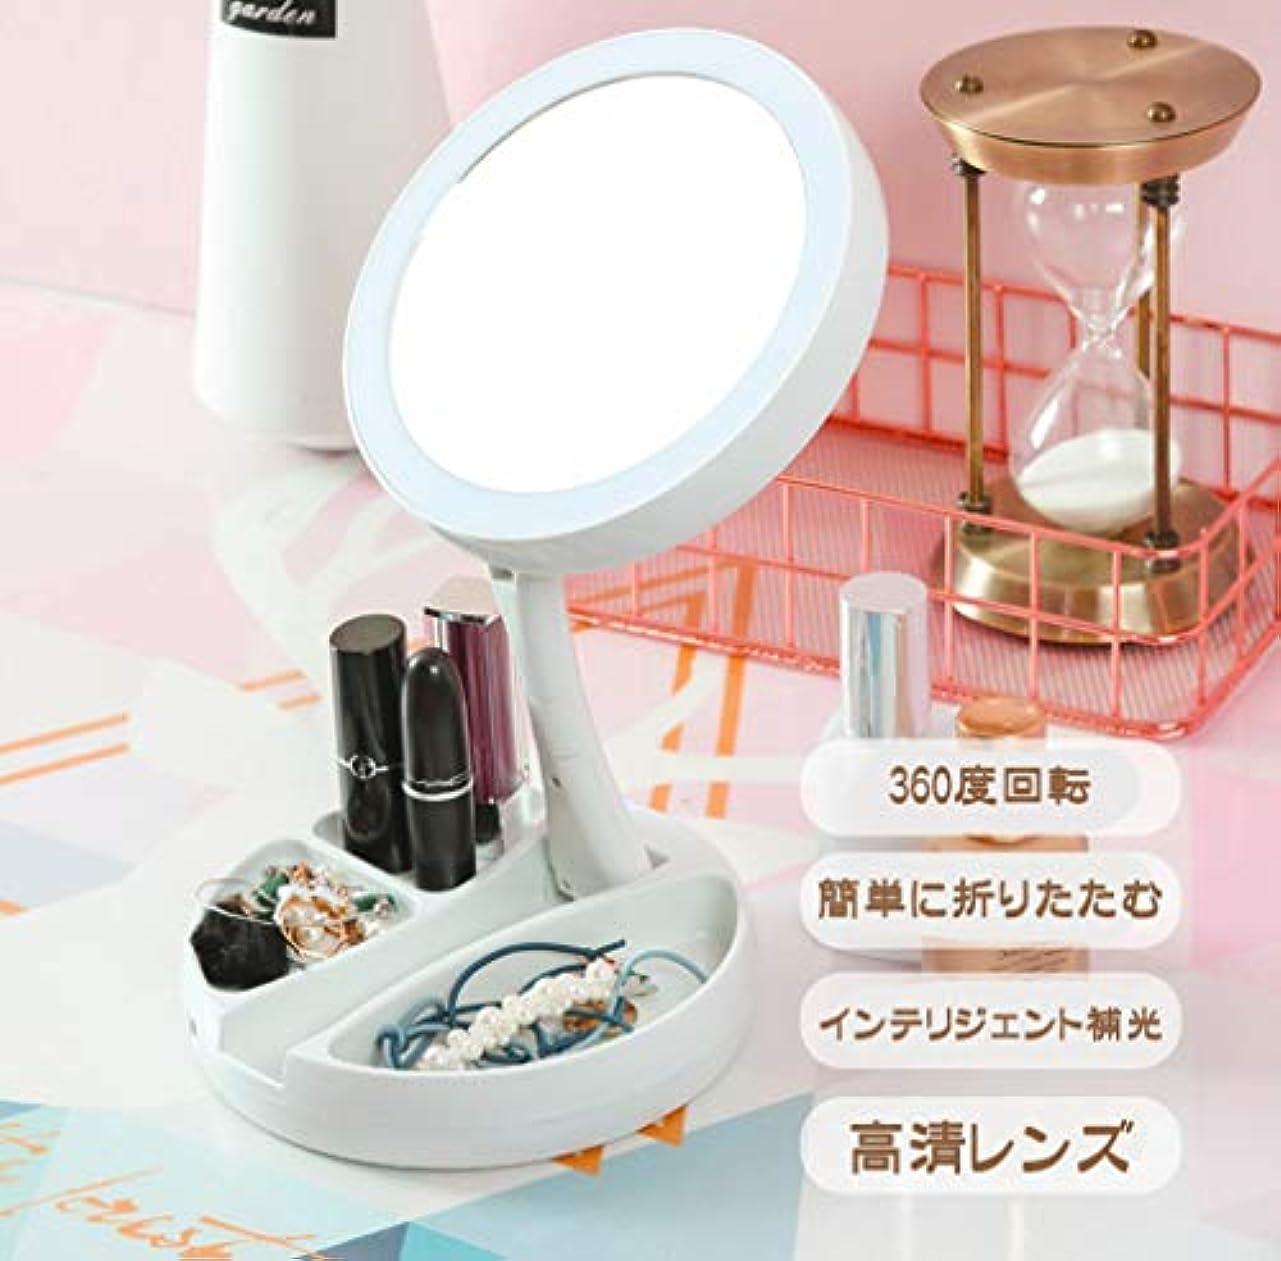 とは異なりやる引き金化粧鏡 化粧ミラー 化粧鏡 女優ミラー 卓上鏡 USB充電式や電池化粧ミラー 折りたたみ式 多機能LED10倍 両面化粧ミラー 卓上鏡